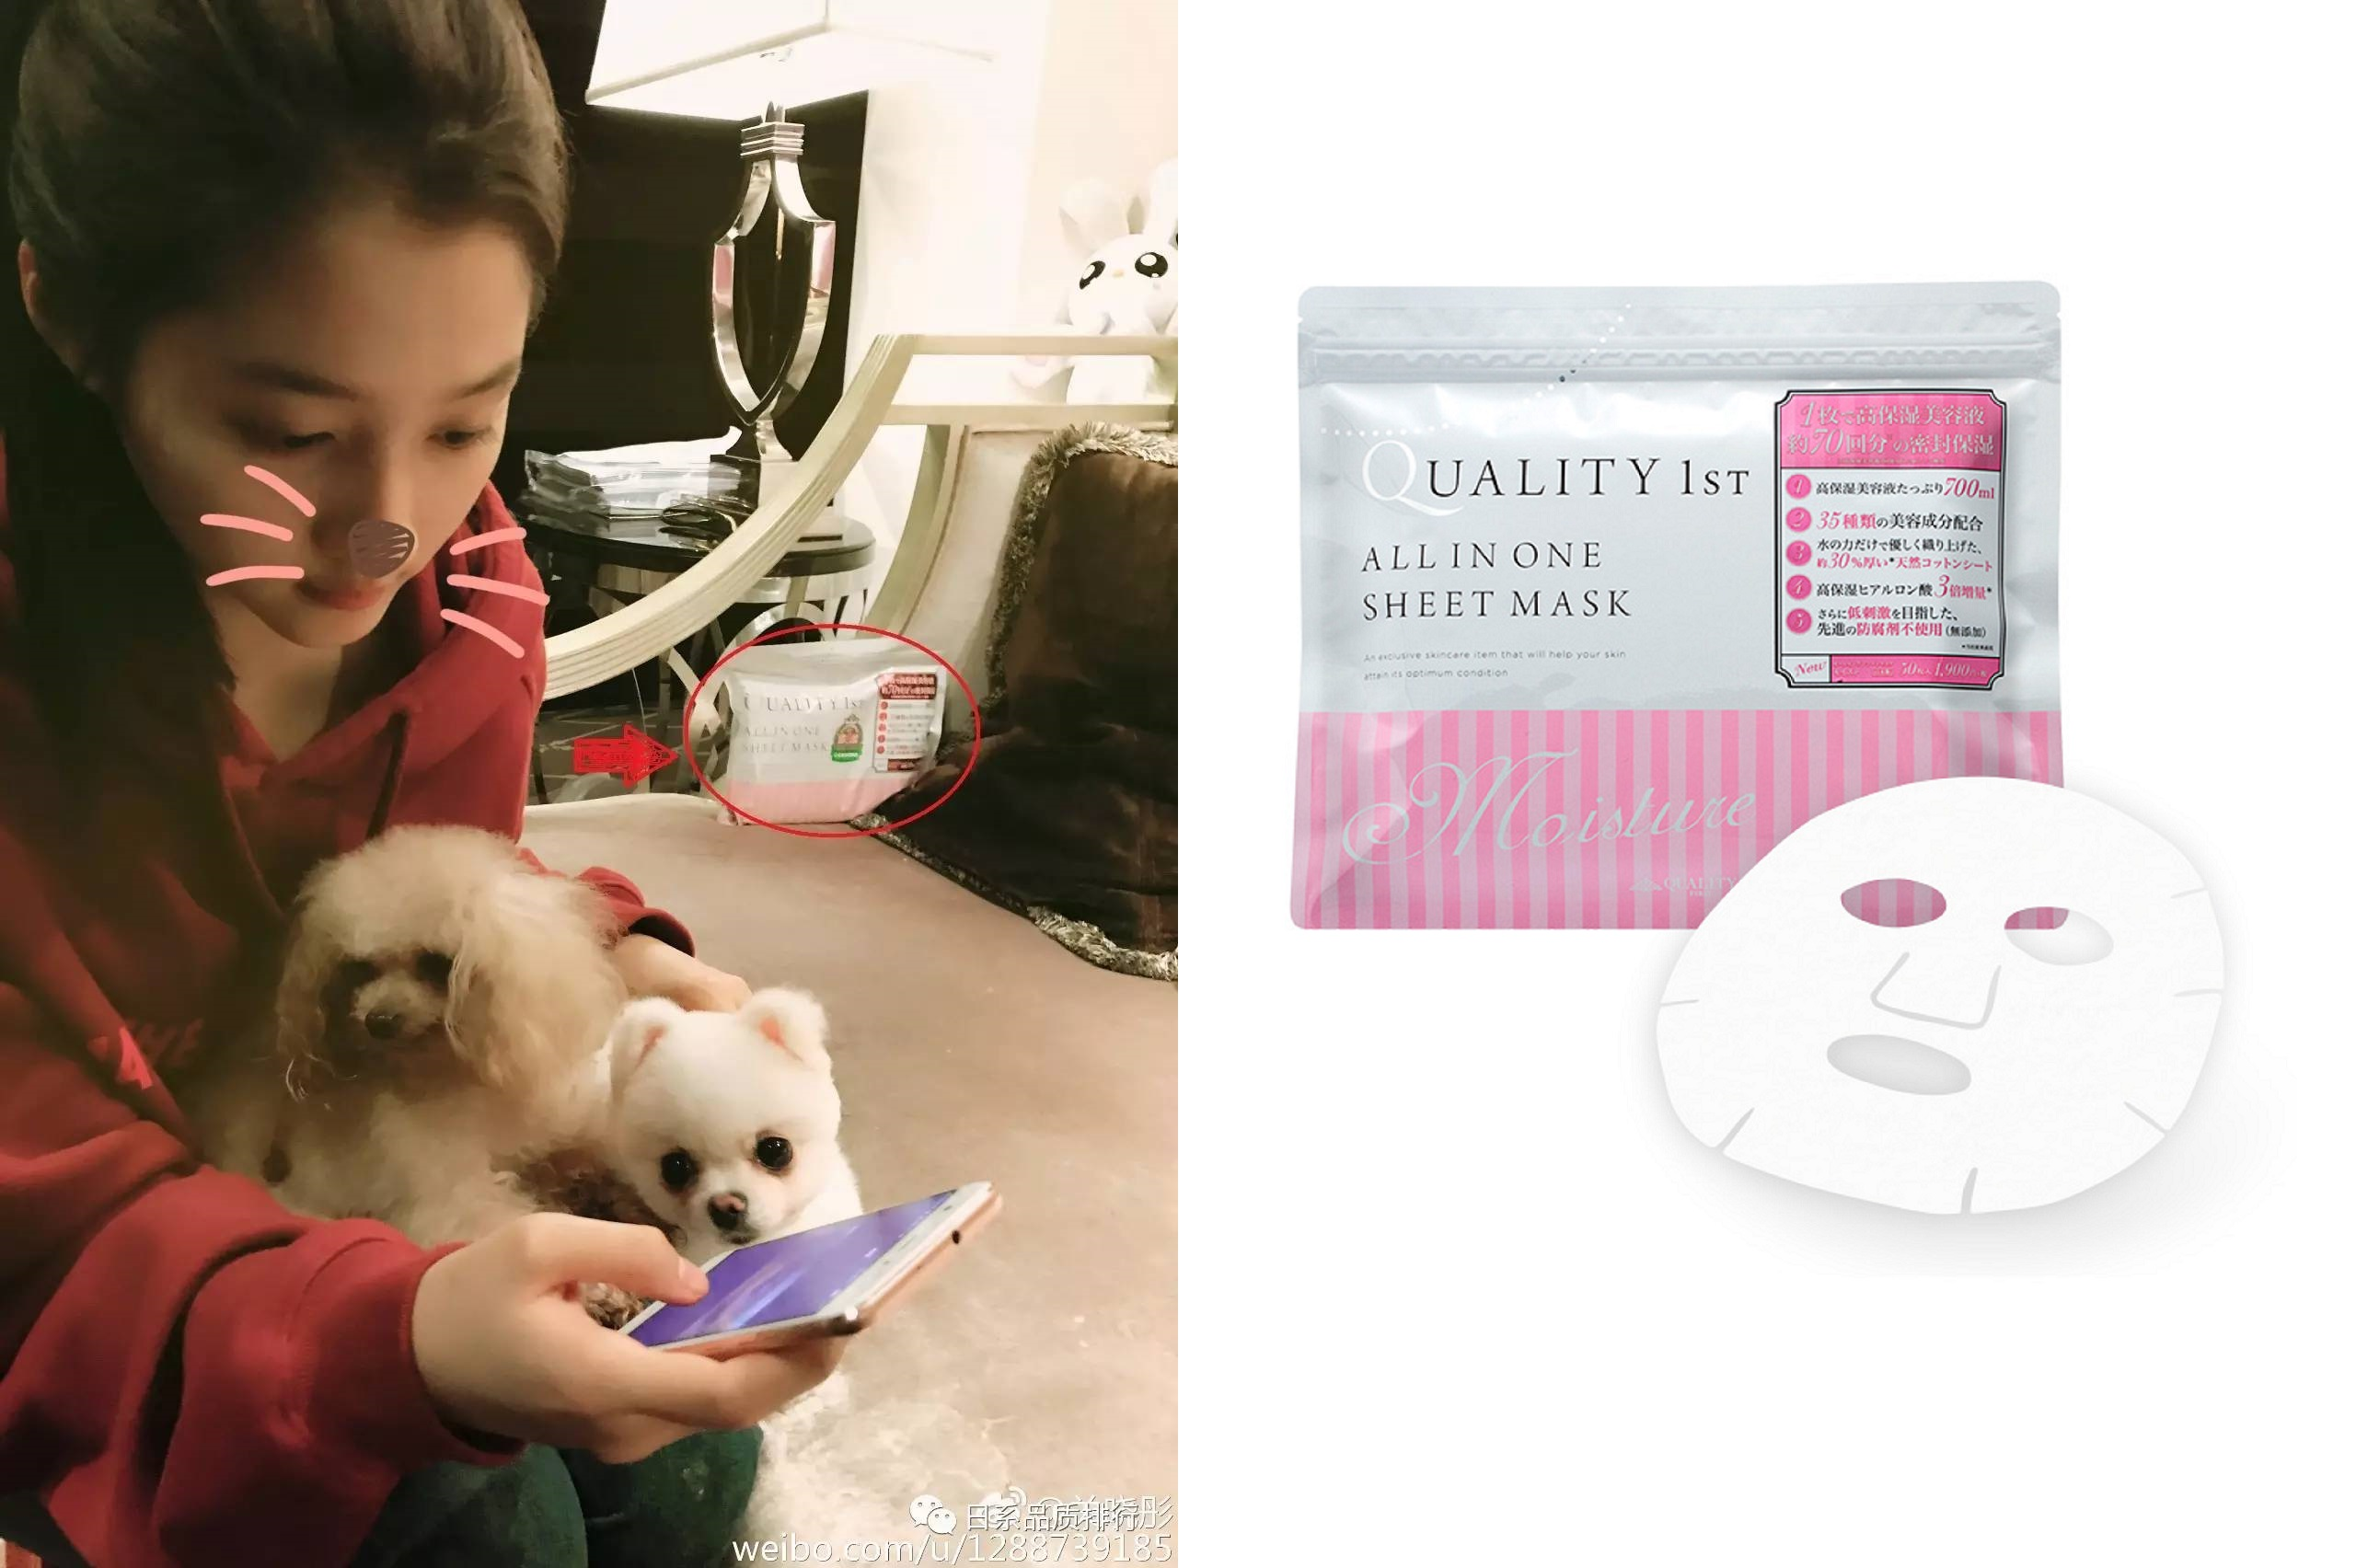 Săm soi bạn gái Luhan Quan Hiểu Đồng, hóa ra cô nàng toàn dùng đồ vài trăm nghìn mà da đẹp không tì vết - Ảnh 6.